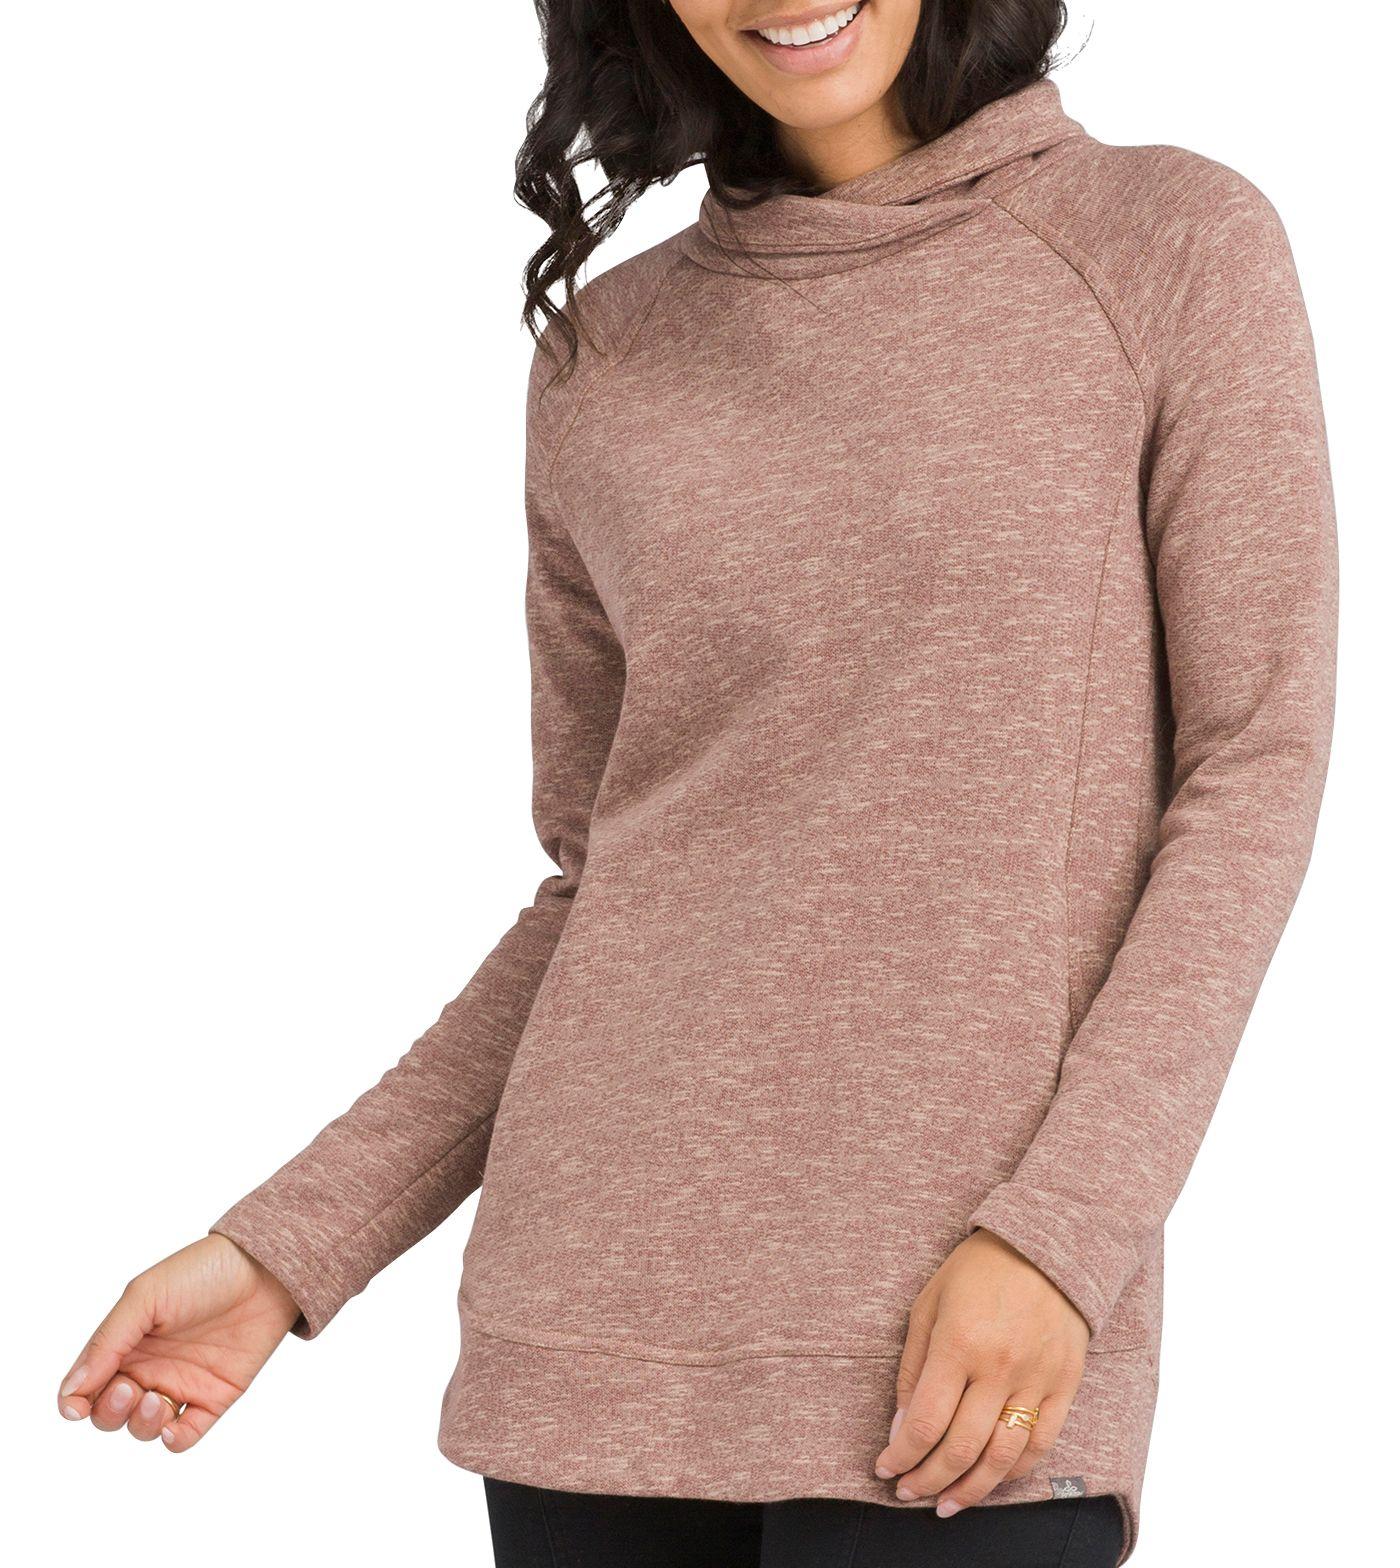 prAna Women's Calexa Tunic Sweatshirt